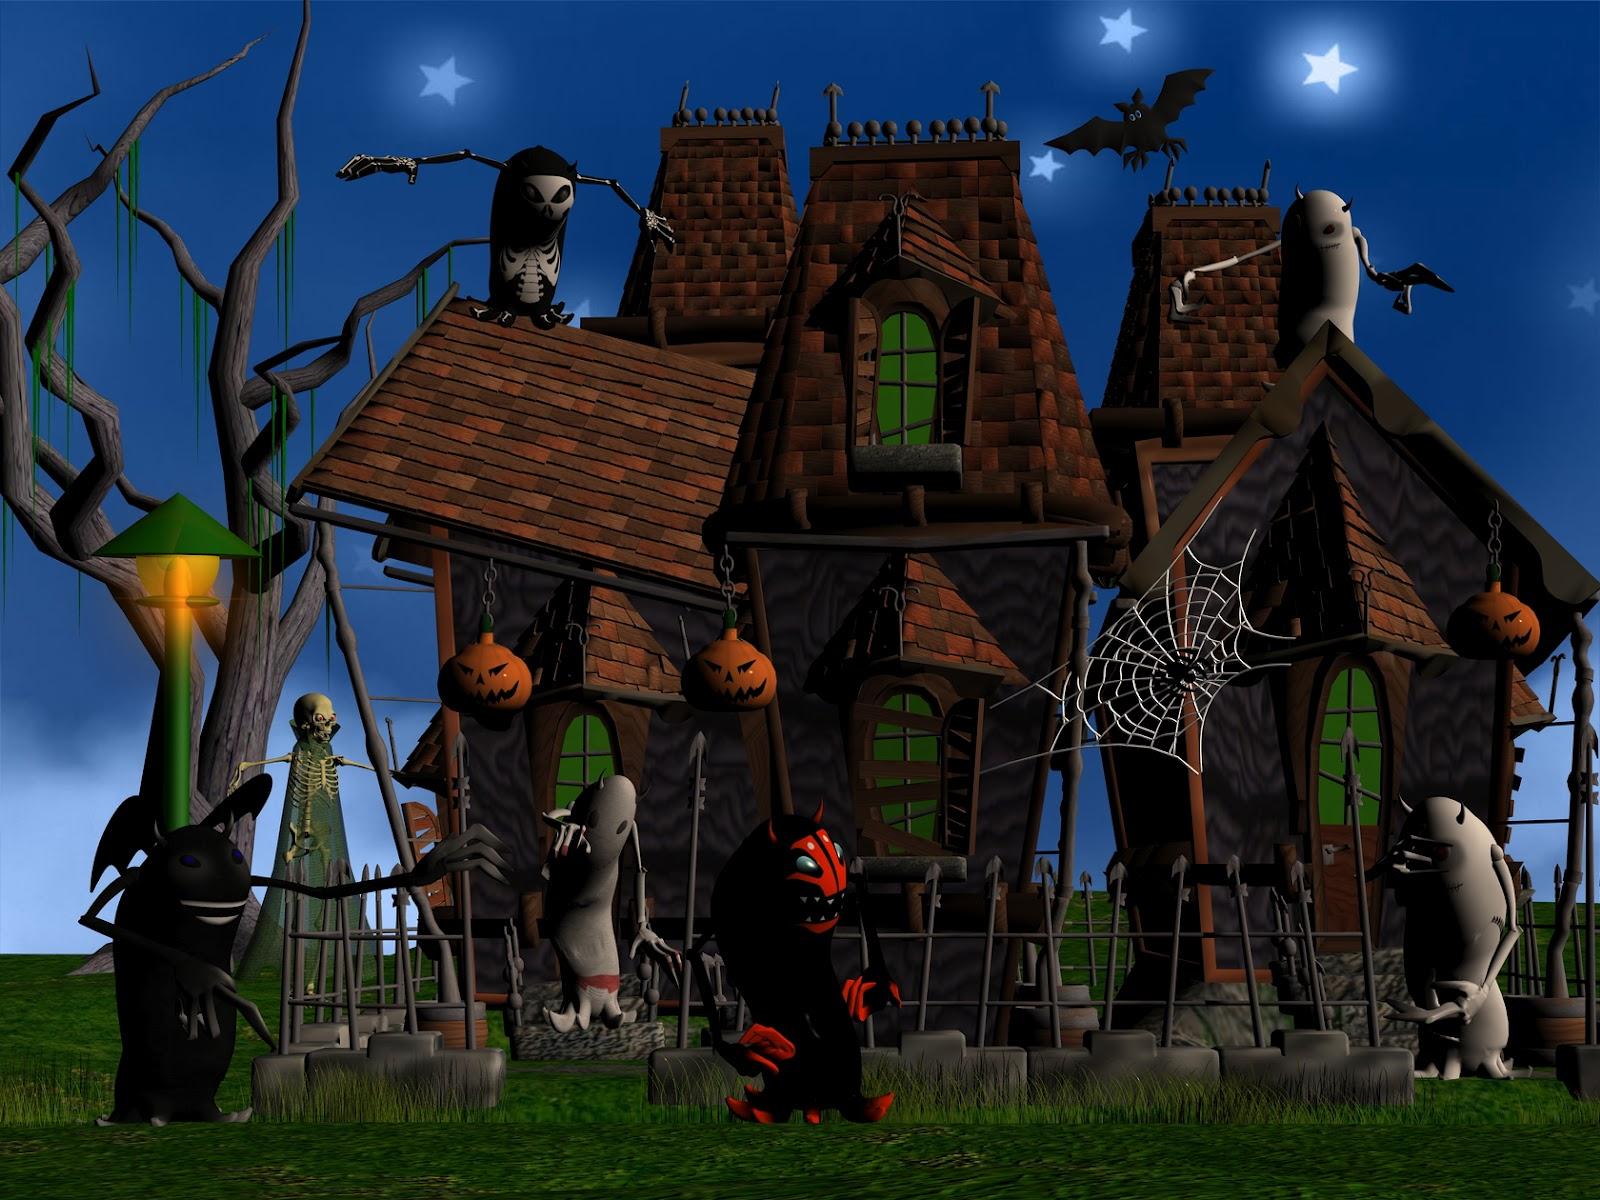 http://2.bp.blogspot.com/-WAgWajyzECg/UFDdmHZ90vI/AAAAAAAACGA/F-gcJtB1NCw/s1600/3d-monsters-halloween-house.jpg